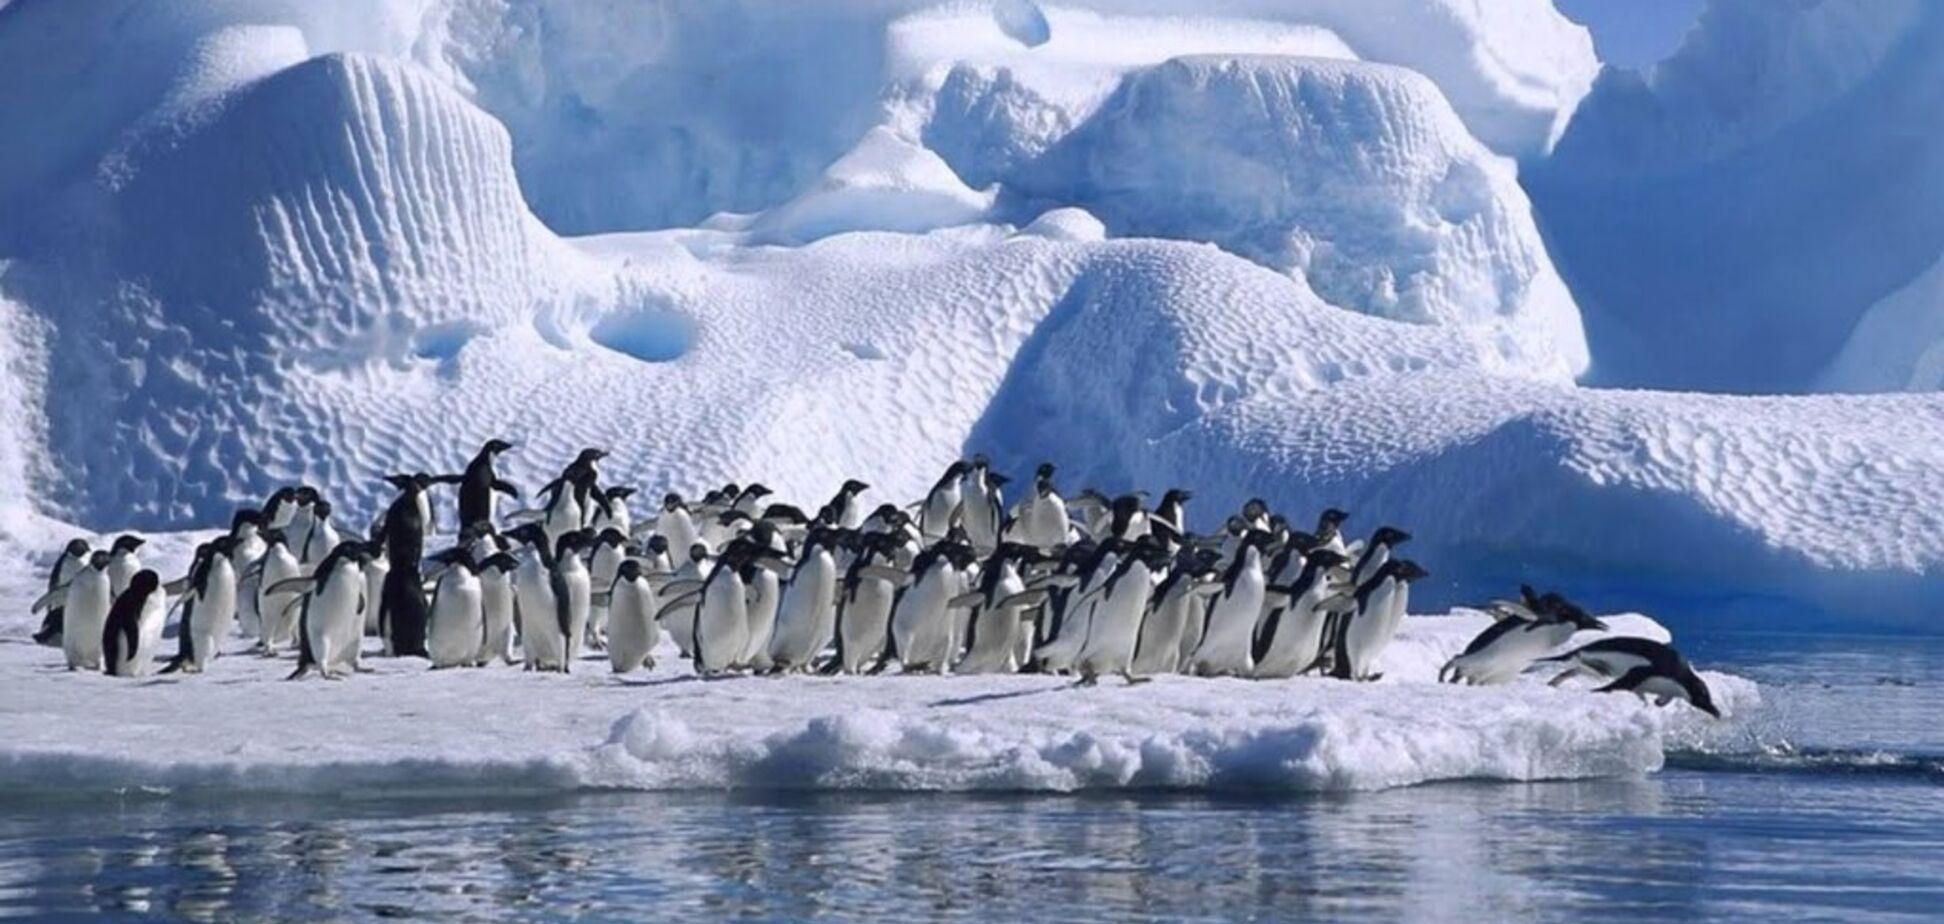 Світ лякають новим льодовиковим періодом: вчена дала прогноз